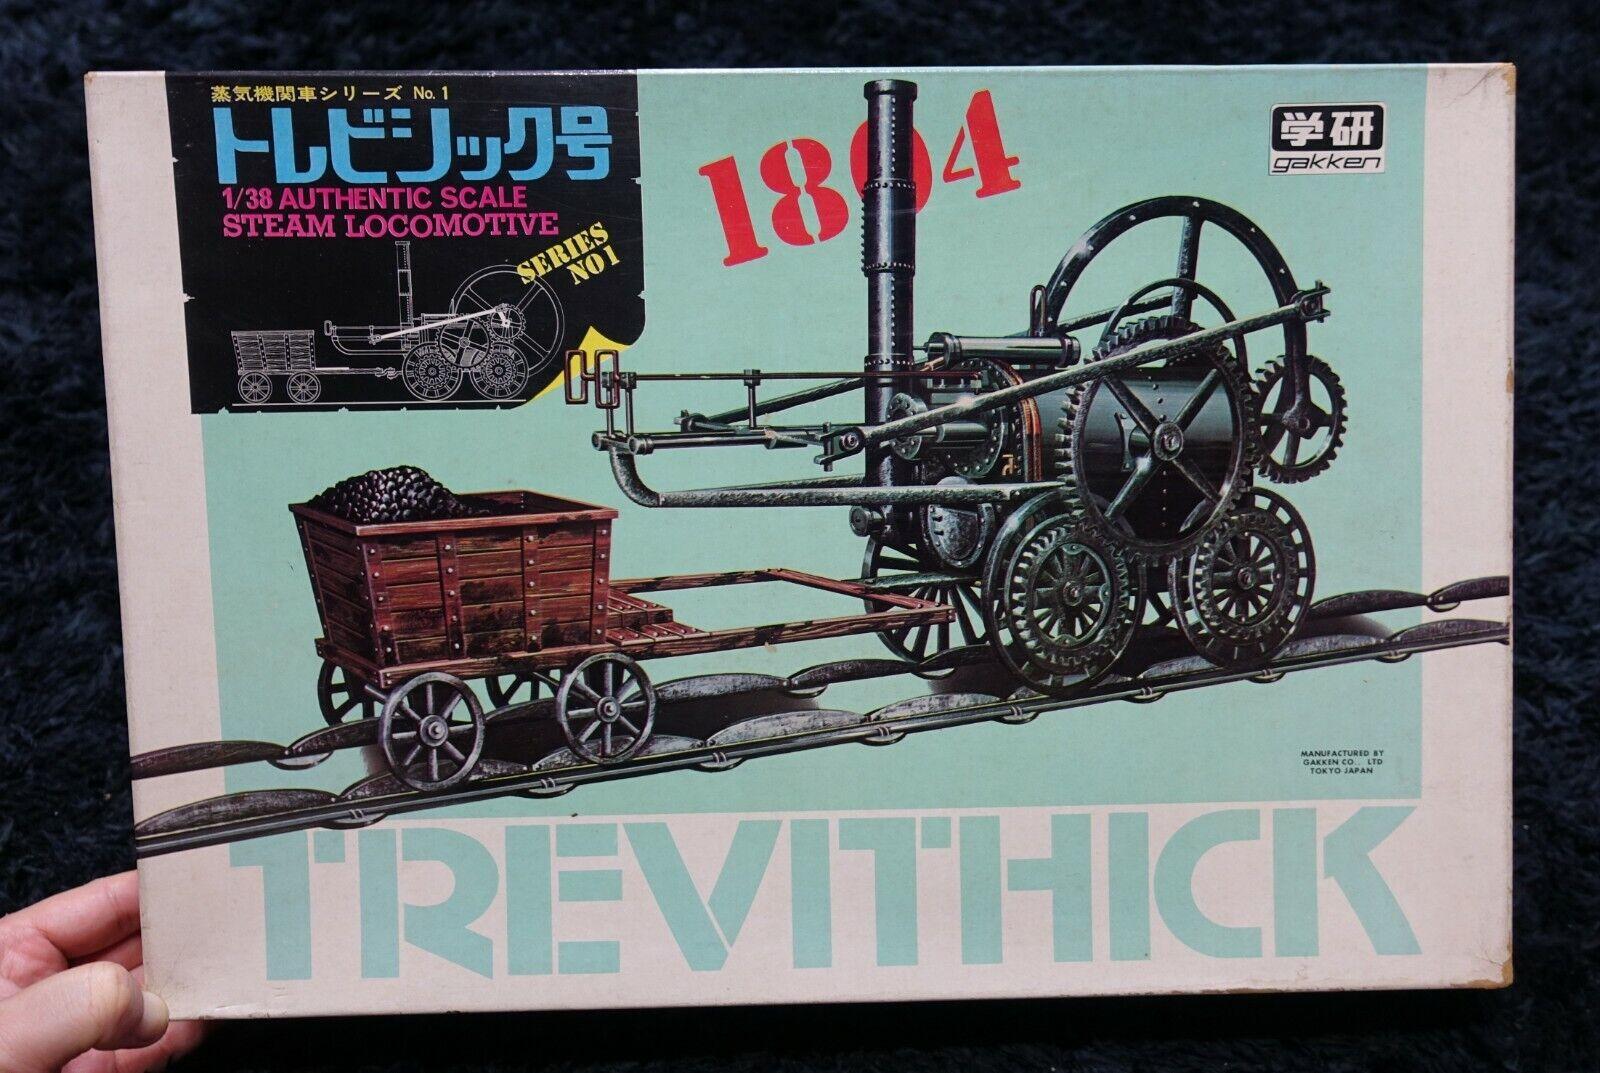 Ssquadra LOCAlottoIVE 1804 TREVITHICK 1 38 GAKKEN VINAGE modellolo KIT